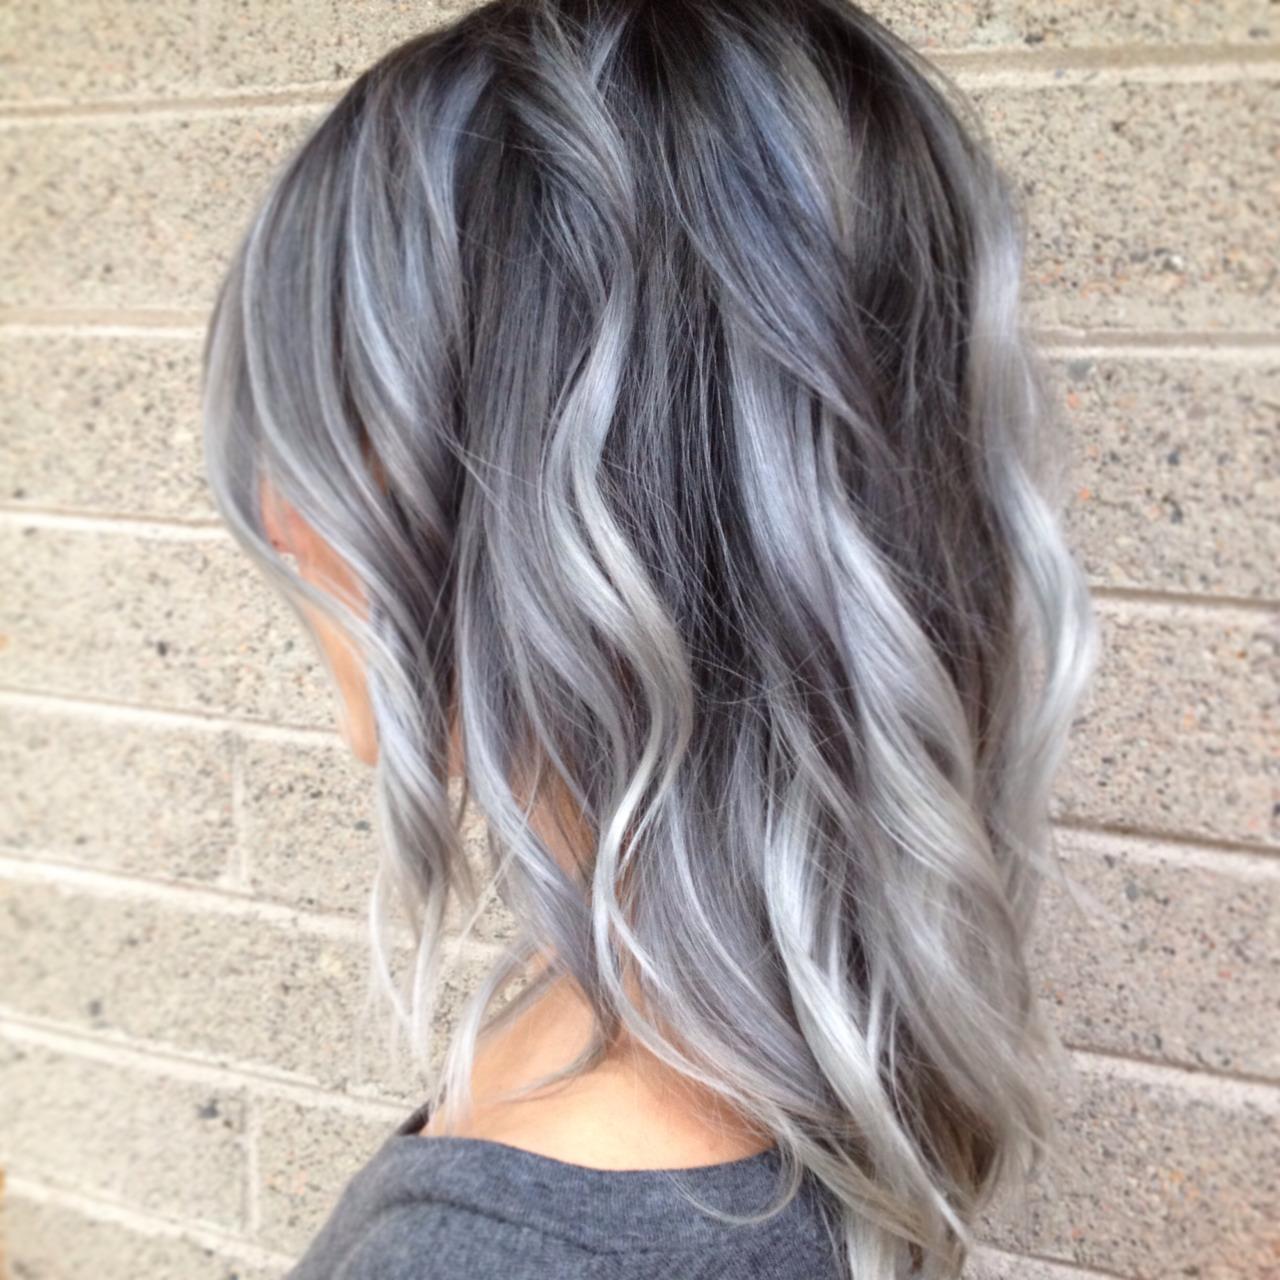 Silber Haare sind im Trend aber Ombre Grau ist dieses Jahr angesagt